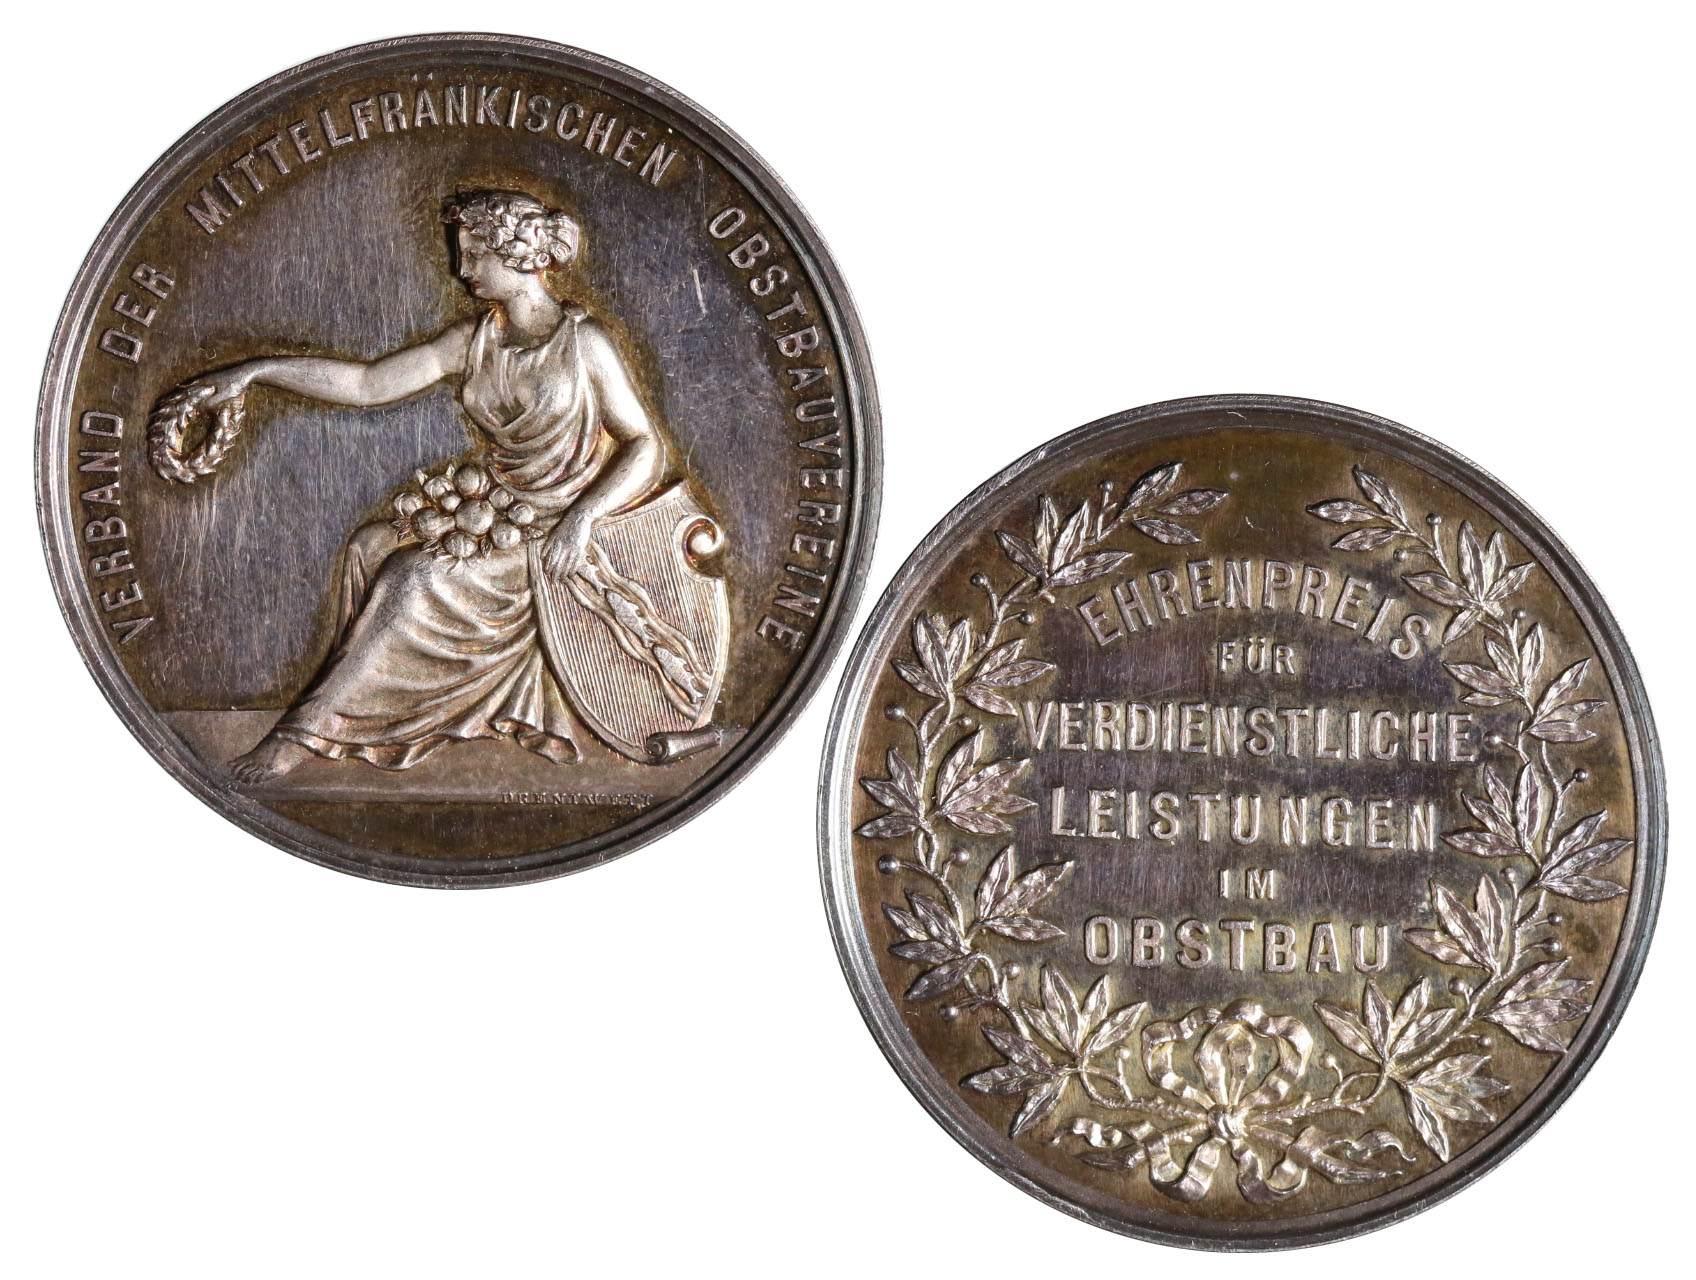 Záslužné - AR medaile, Čestná cena za zásluhy v zahradnictví, Verband der Mittelfränkischen obstbauvereine, Německo 19. stol., Ag, průměr 37mm